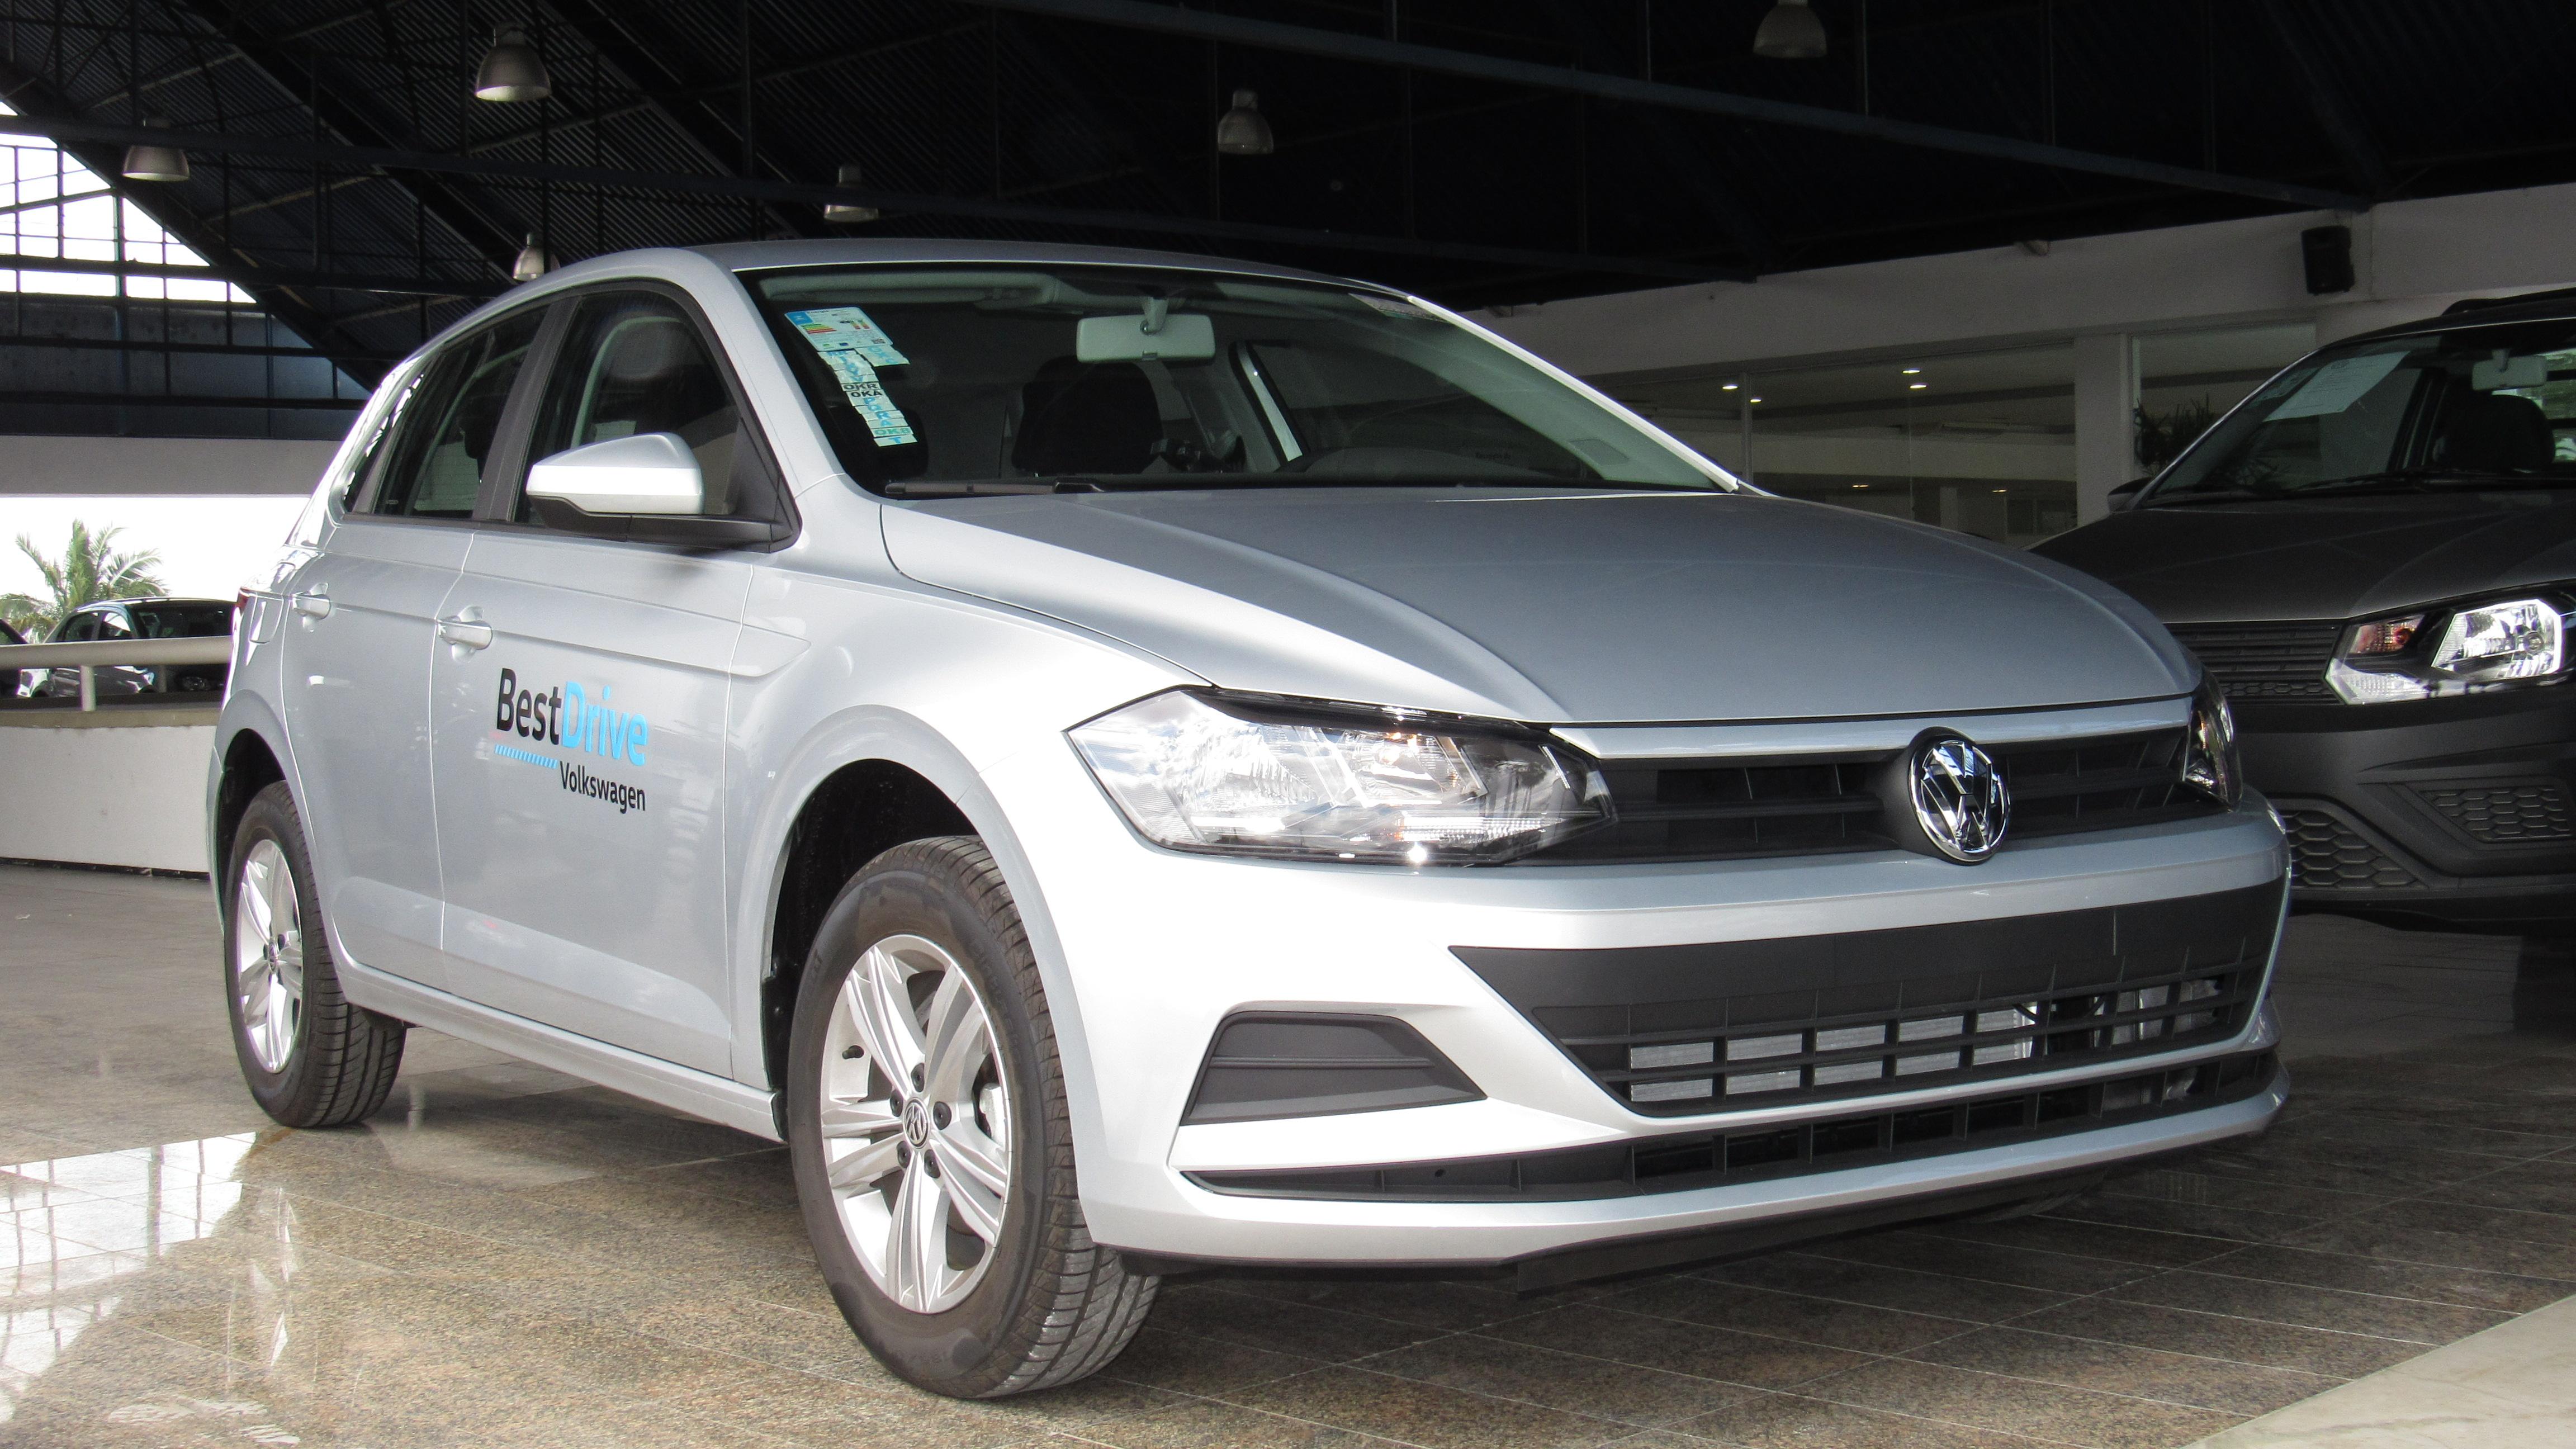 Comparativo: Novo Volkswagen Polo enfrenta Fiat Argo e Hyundai HB20 – conheça a melhor opção